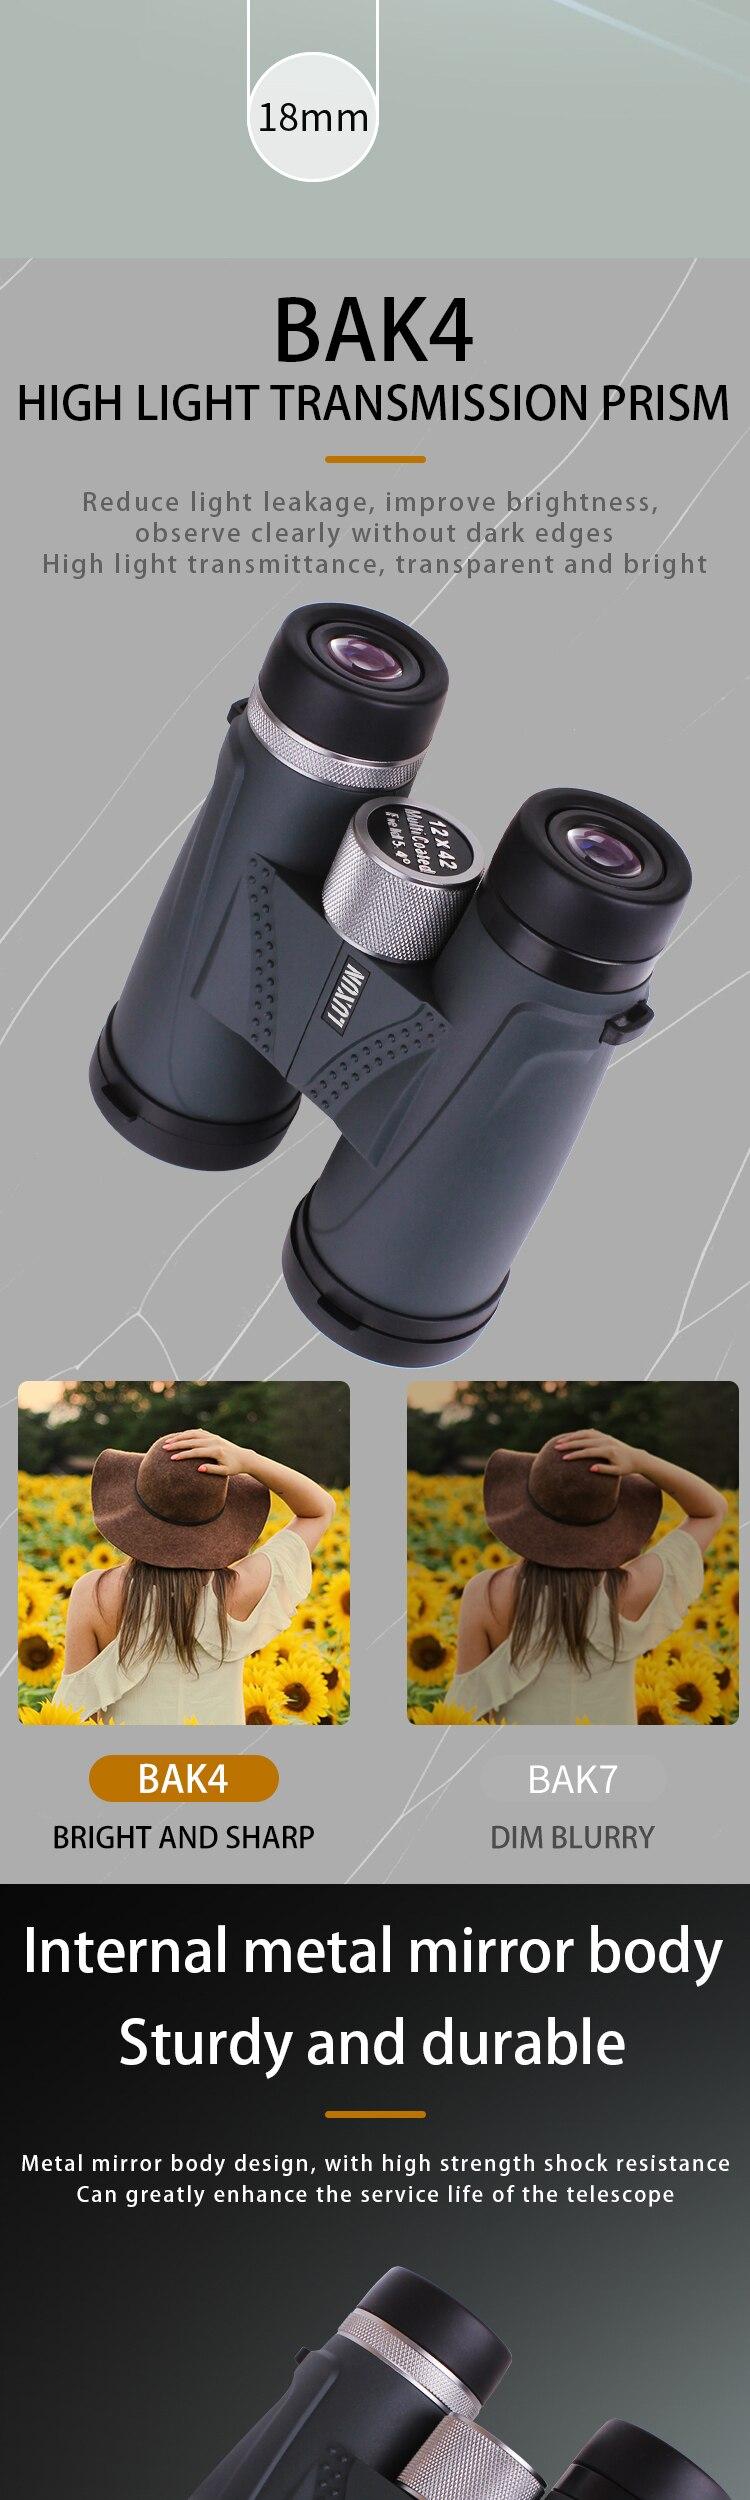 de alta potência binóculos telescópio profissional lll visão noturna para a caça